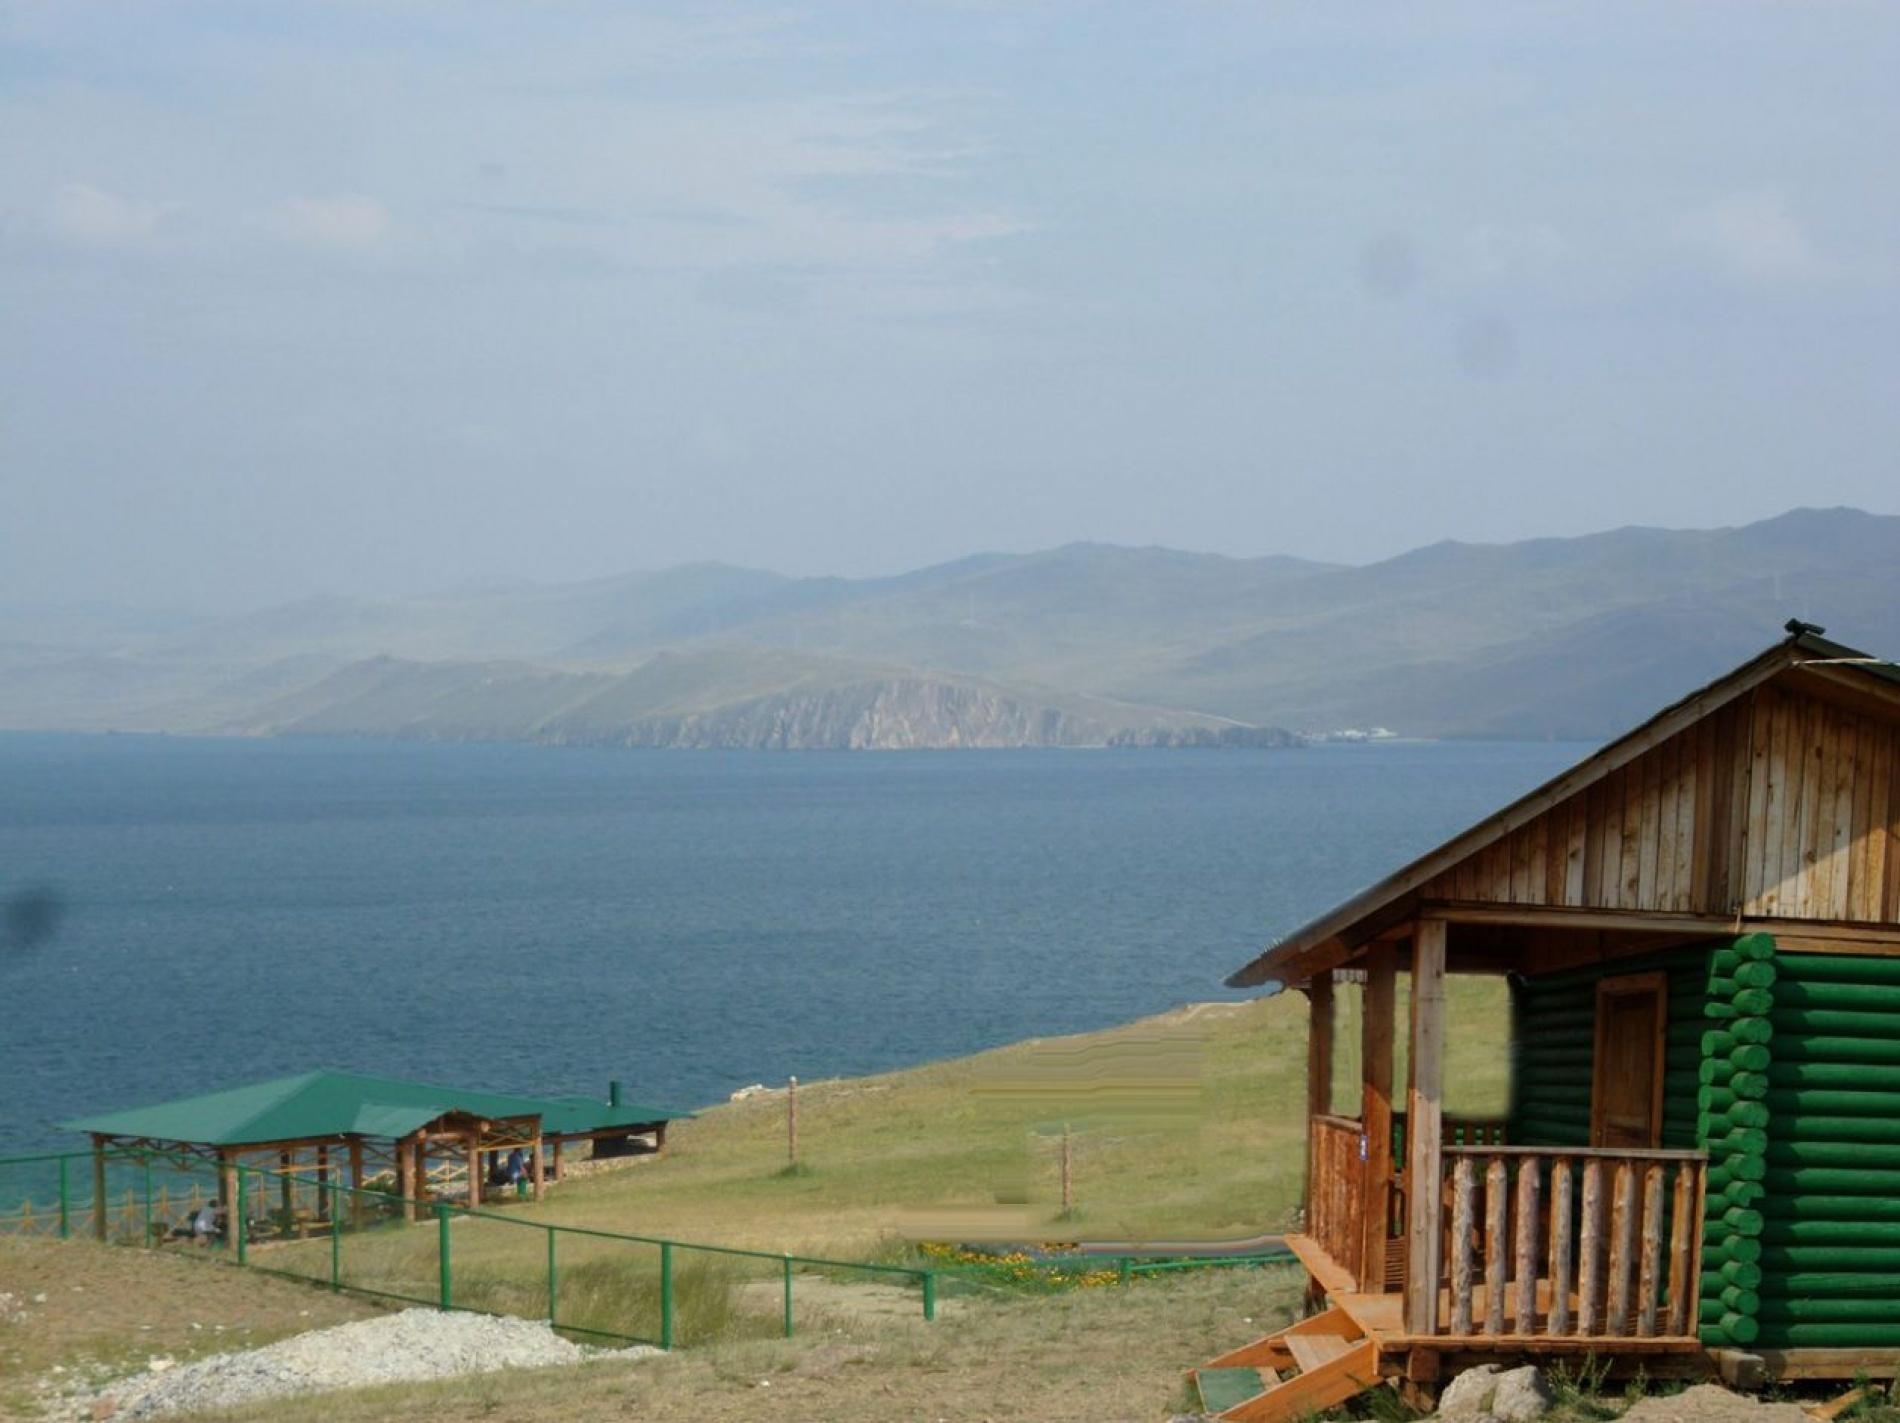 База отдыха «Ветер Странствий» Иркутская область 3-местный летний домик, фото 1